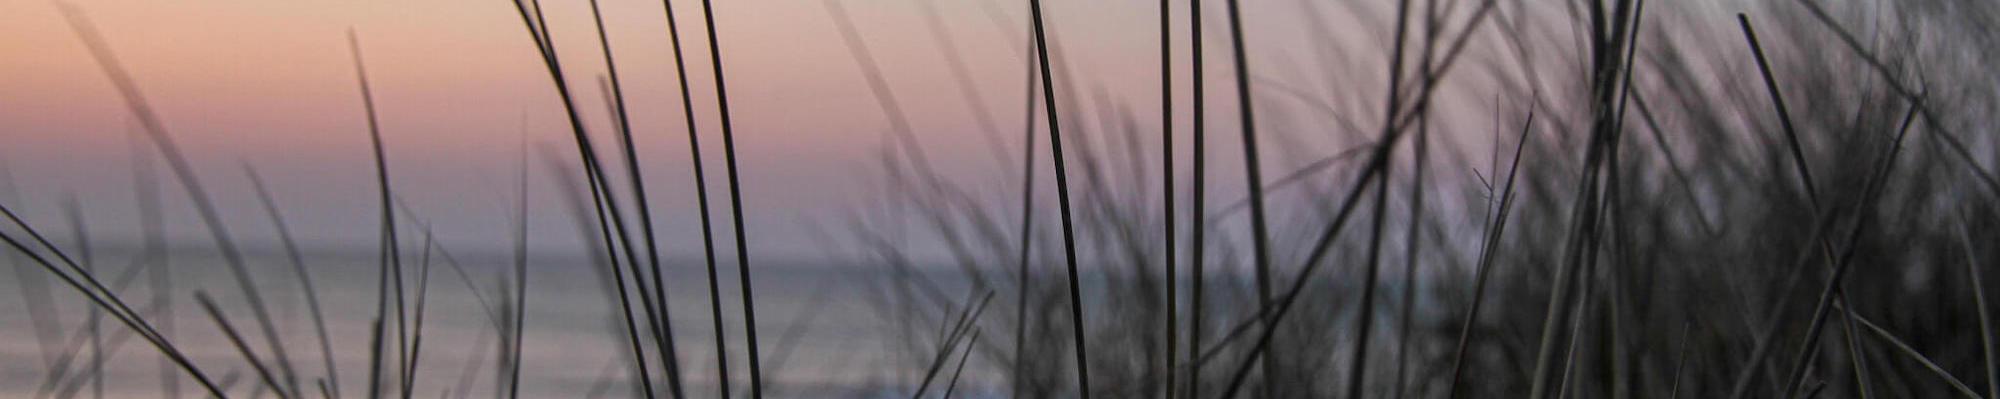 Solnedgangen ved Vesterhavet